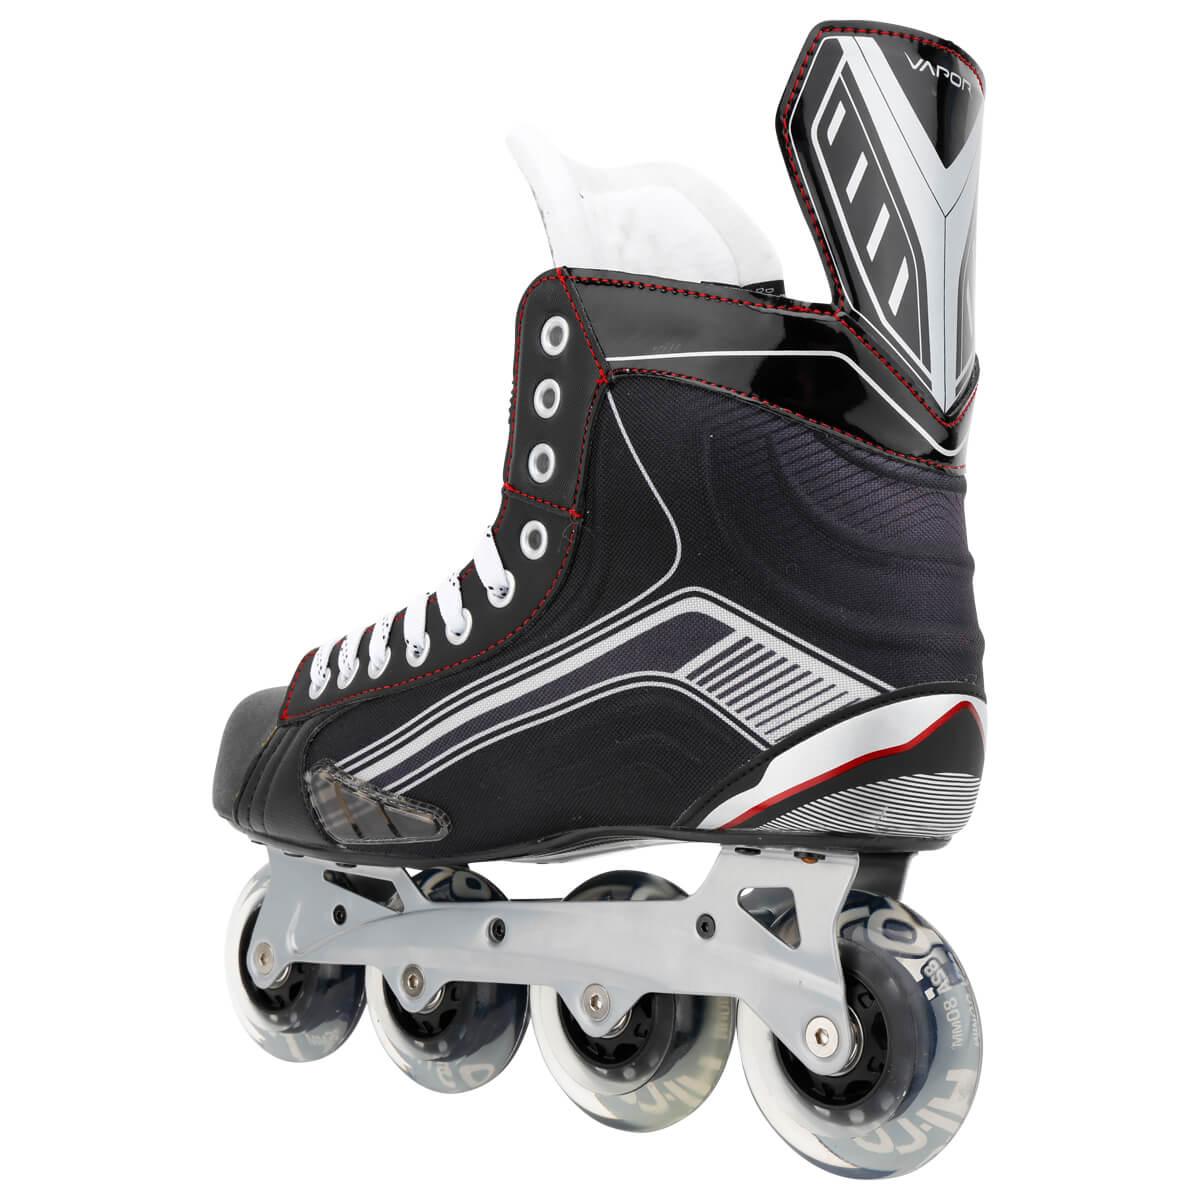 Roller skates buy nz - Bauer Vapor X300r Inline Skate Bauer Vapor X300r Sr Roller Hockey Skates 16